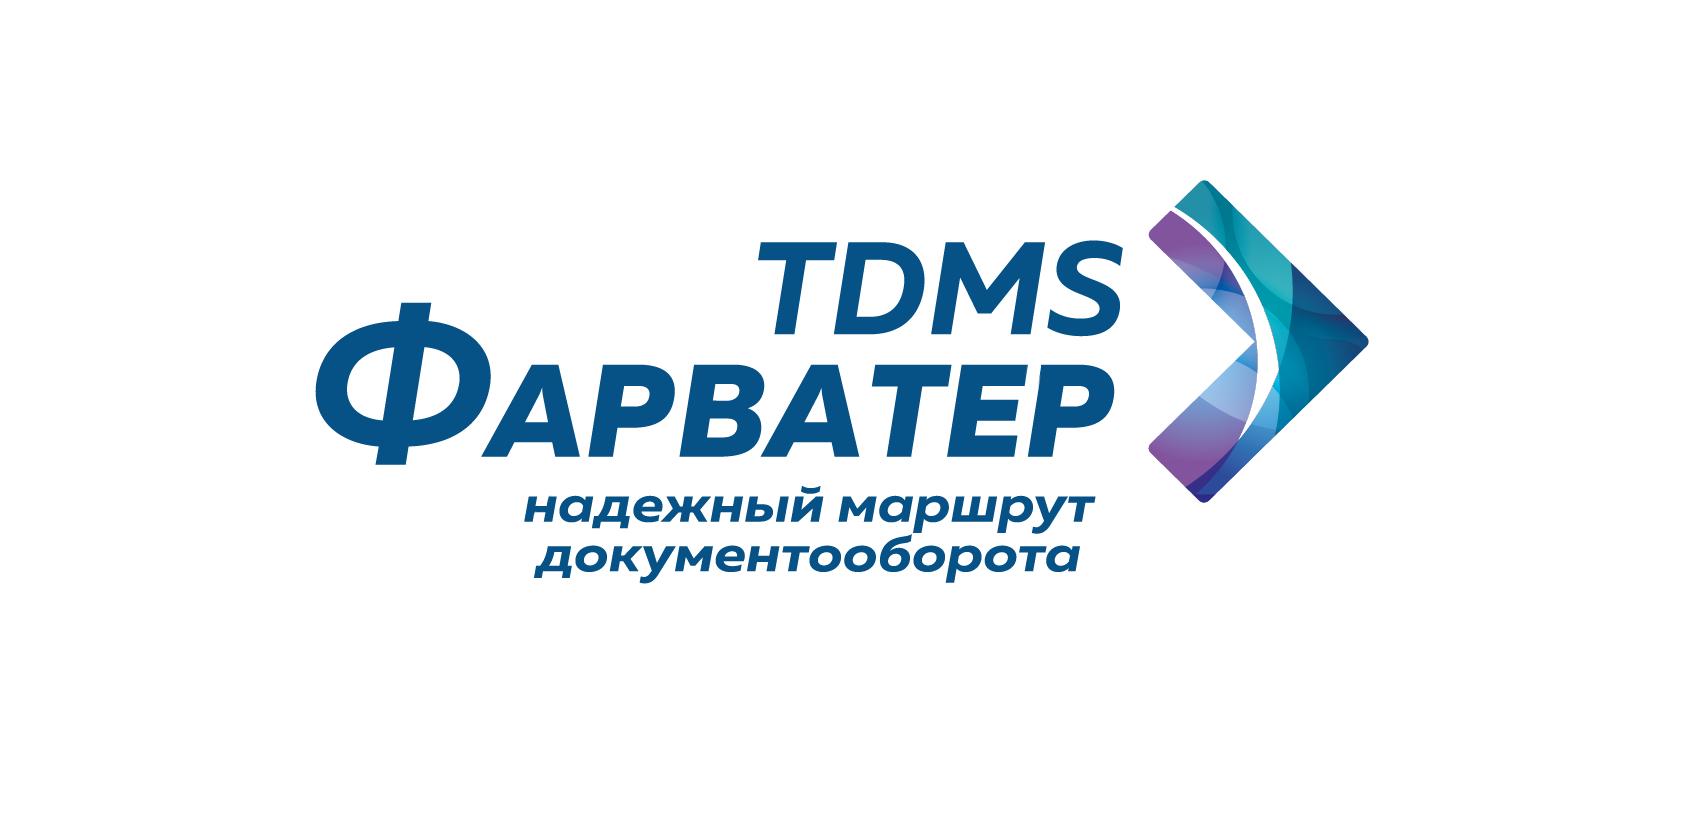 TDMS Фарватер. Методики PMBOK и российские проектные организации - 4